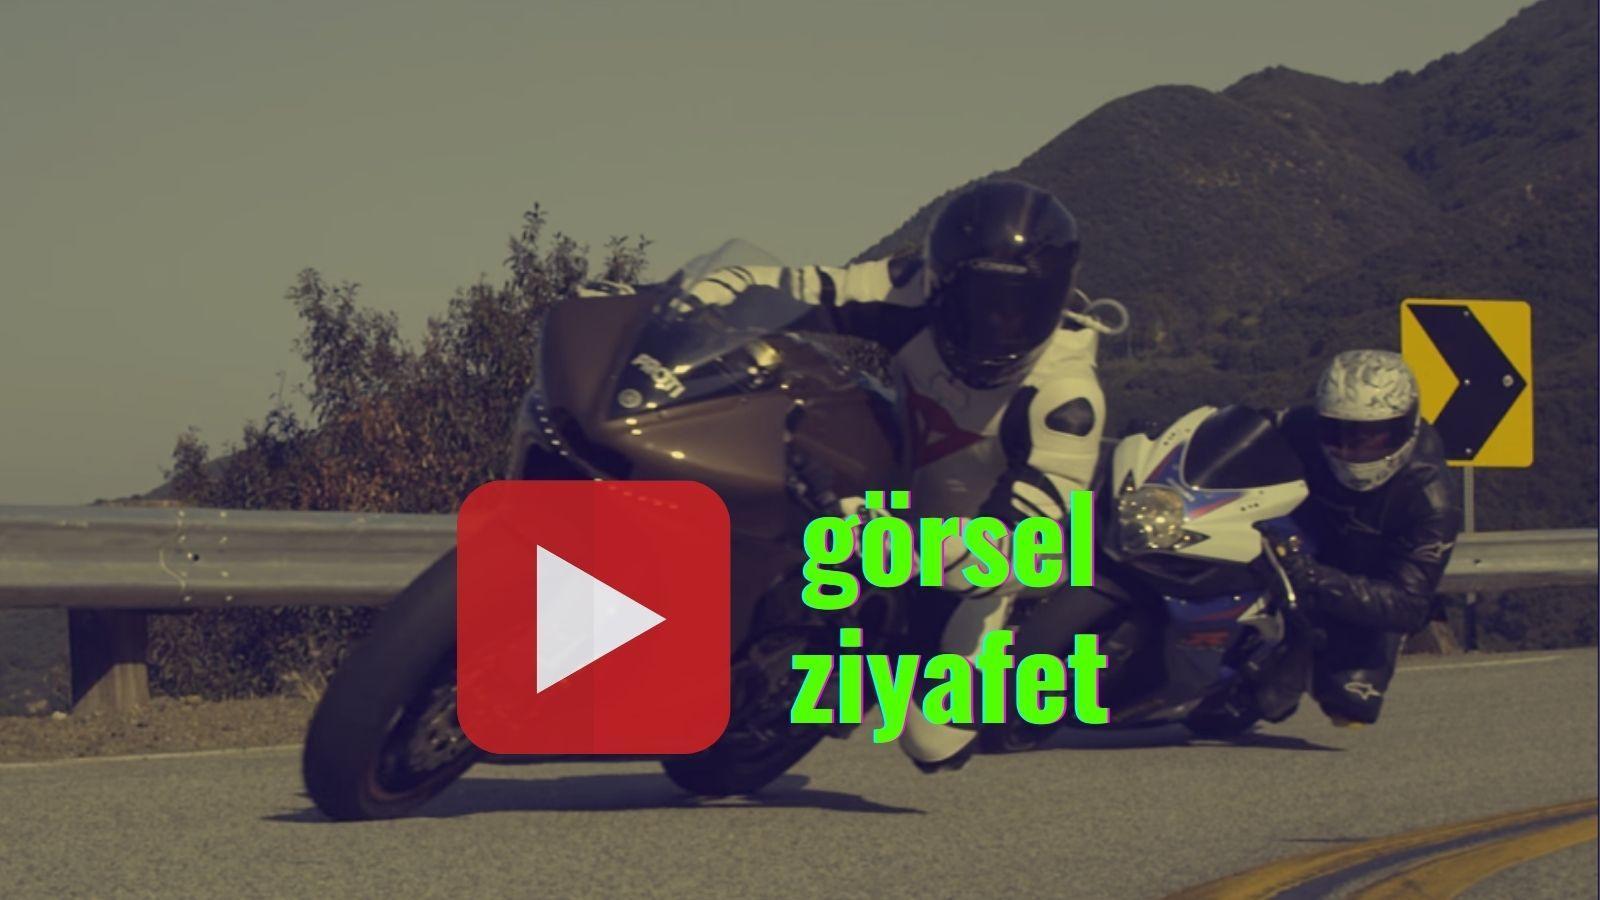 motosiklet yatırma video eğitim